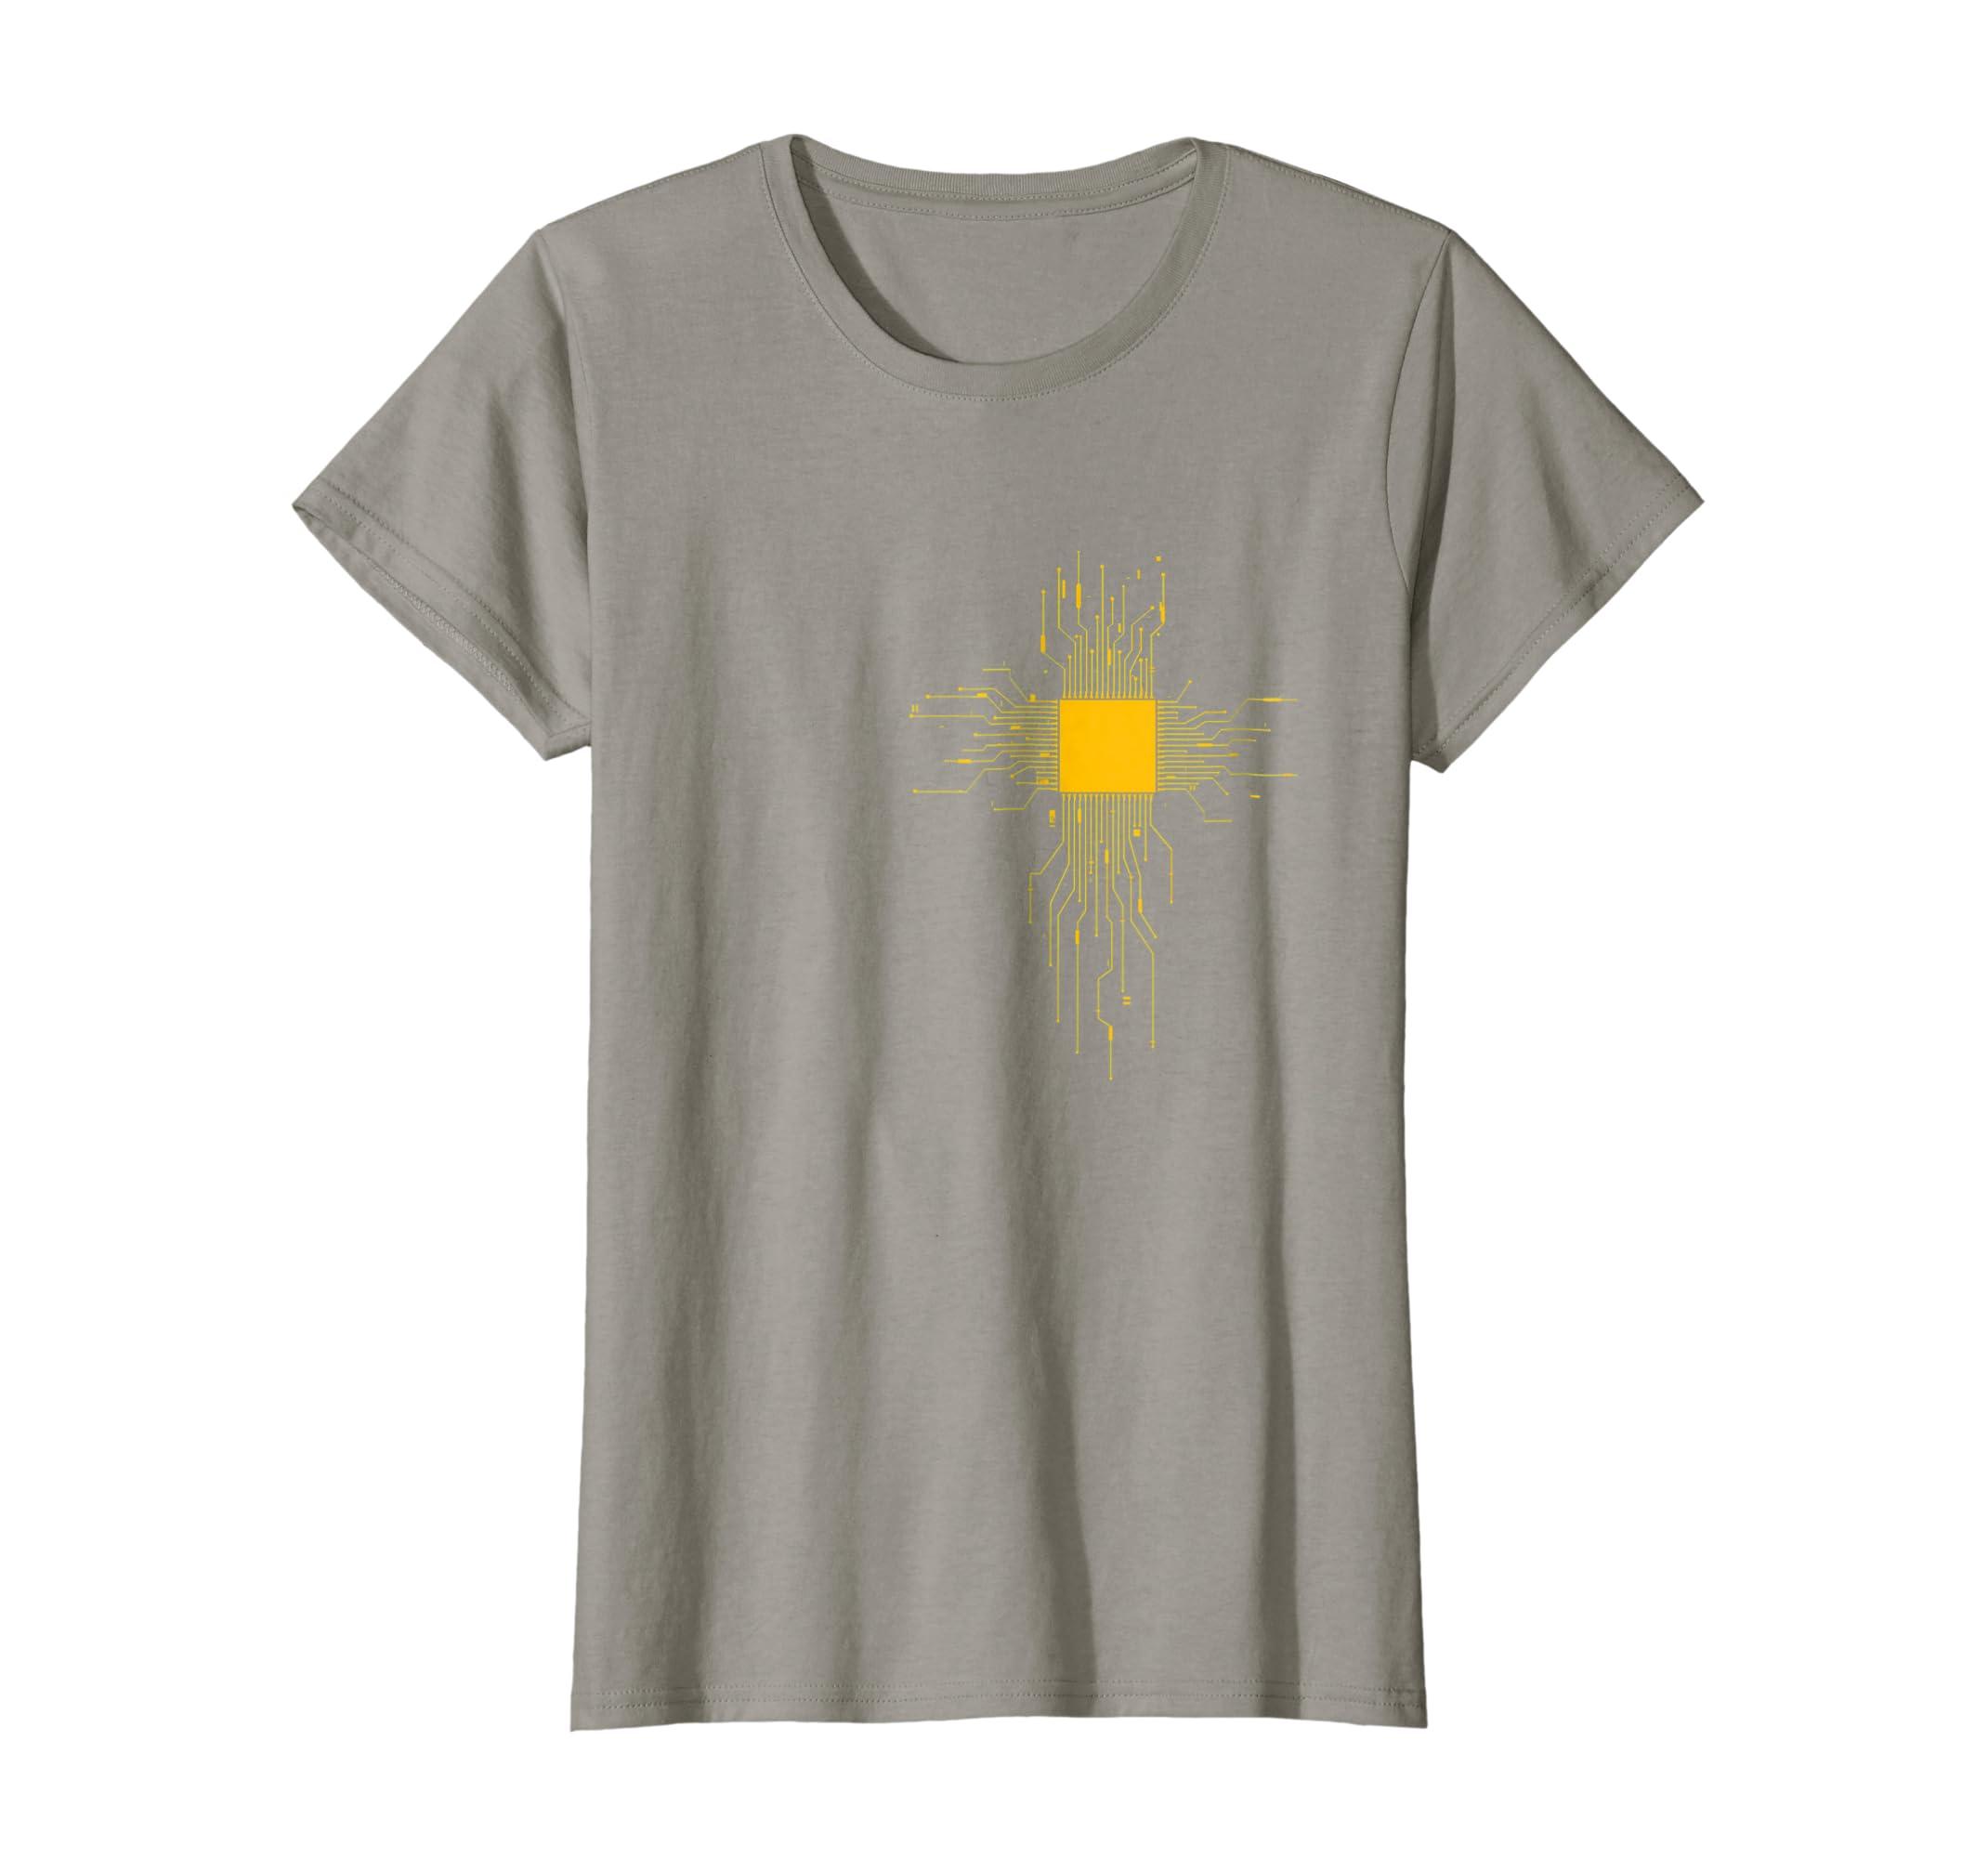 7b3b5226c0a79 Amazon.com  NERD GOLD CPU HEART - circuit electronics board T-Shirt   Clothing